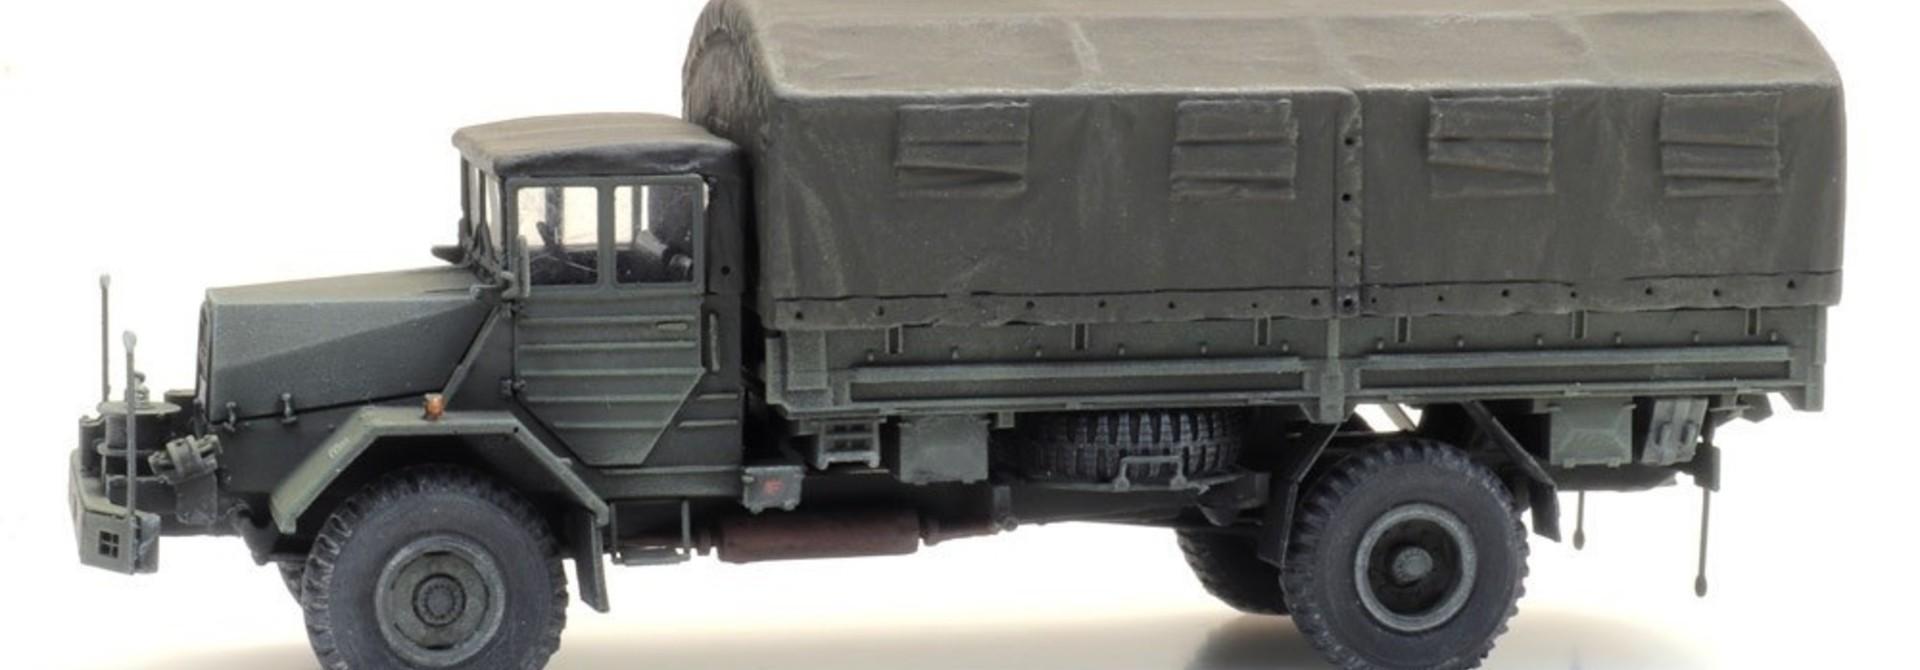 6870415 BRD MAN 630 L2 AE Cargo